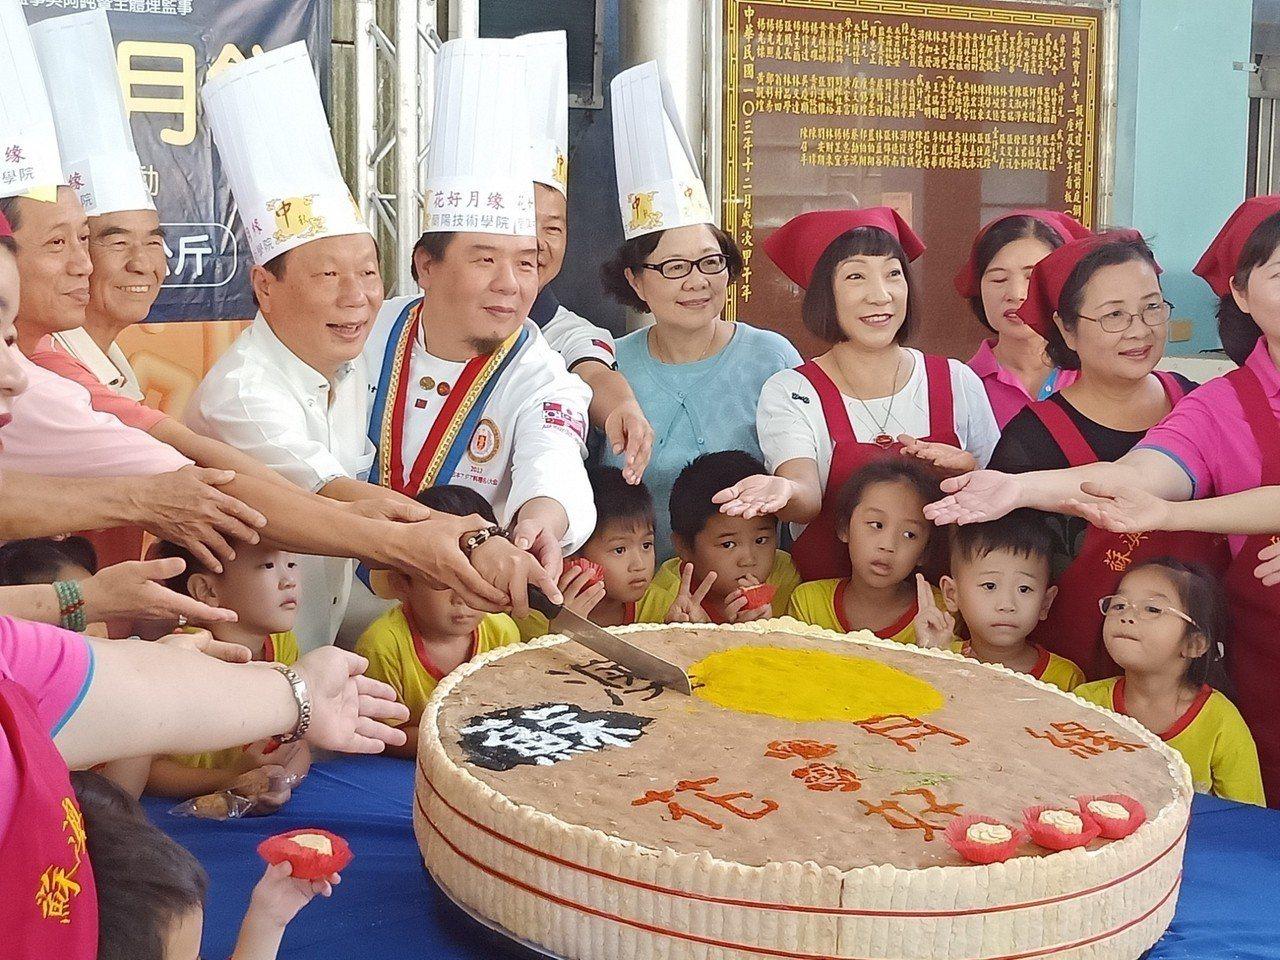 宜蘭蘇澳鎮公所邀請蘭陽技術學院、蘇澳鎮婦女會合製直徑100公分的大月餅,今天在寶...